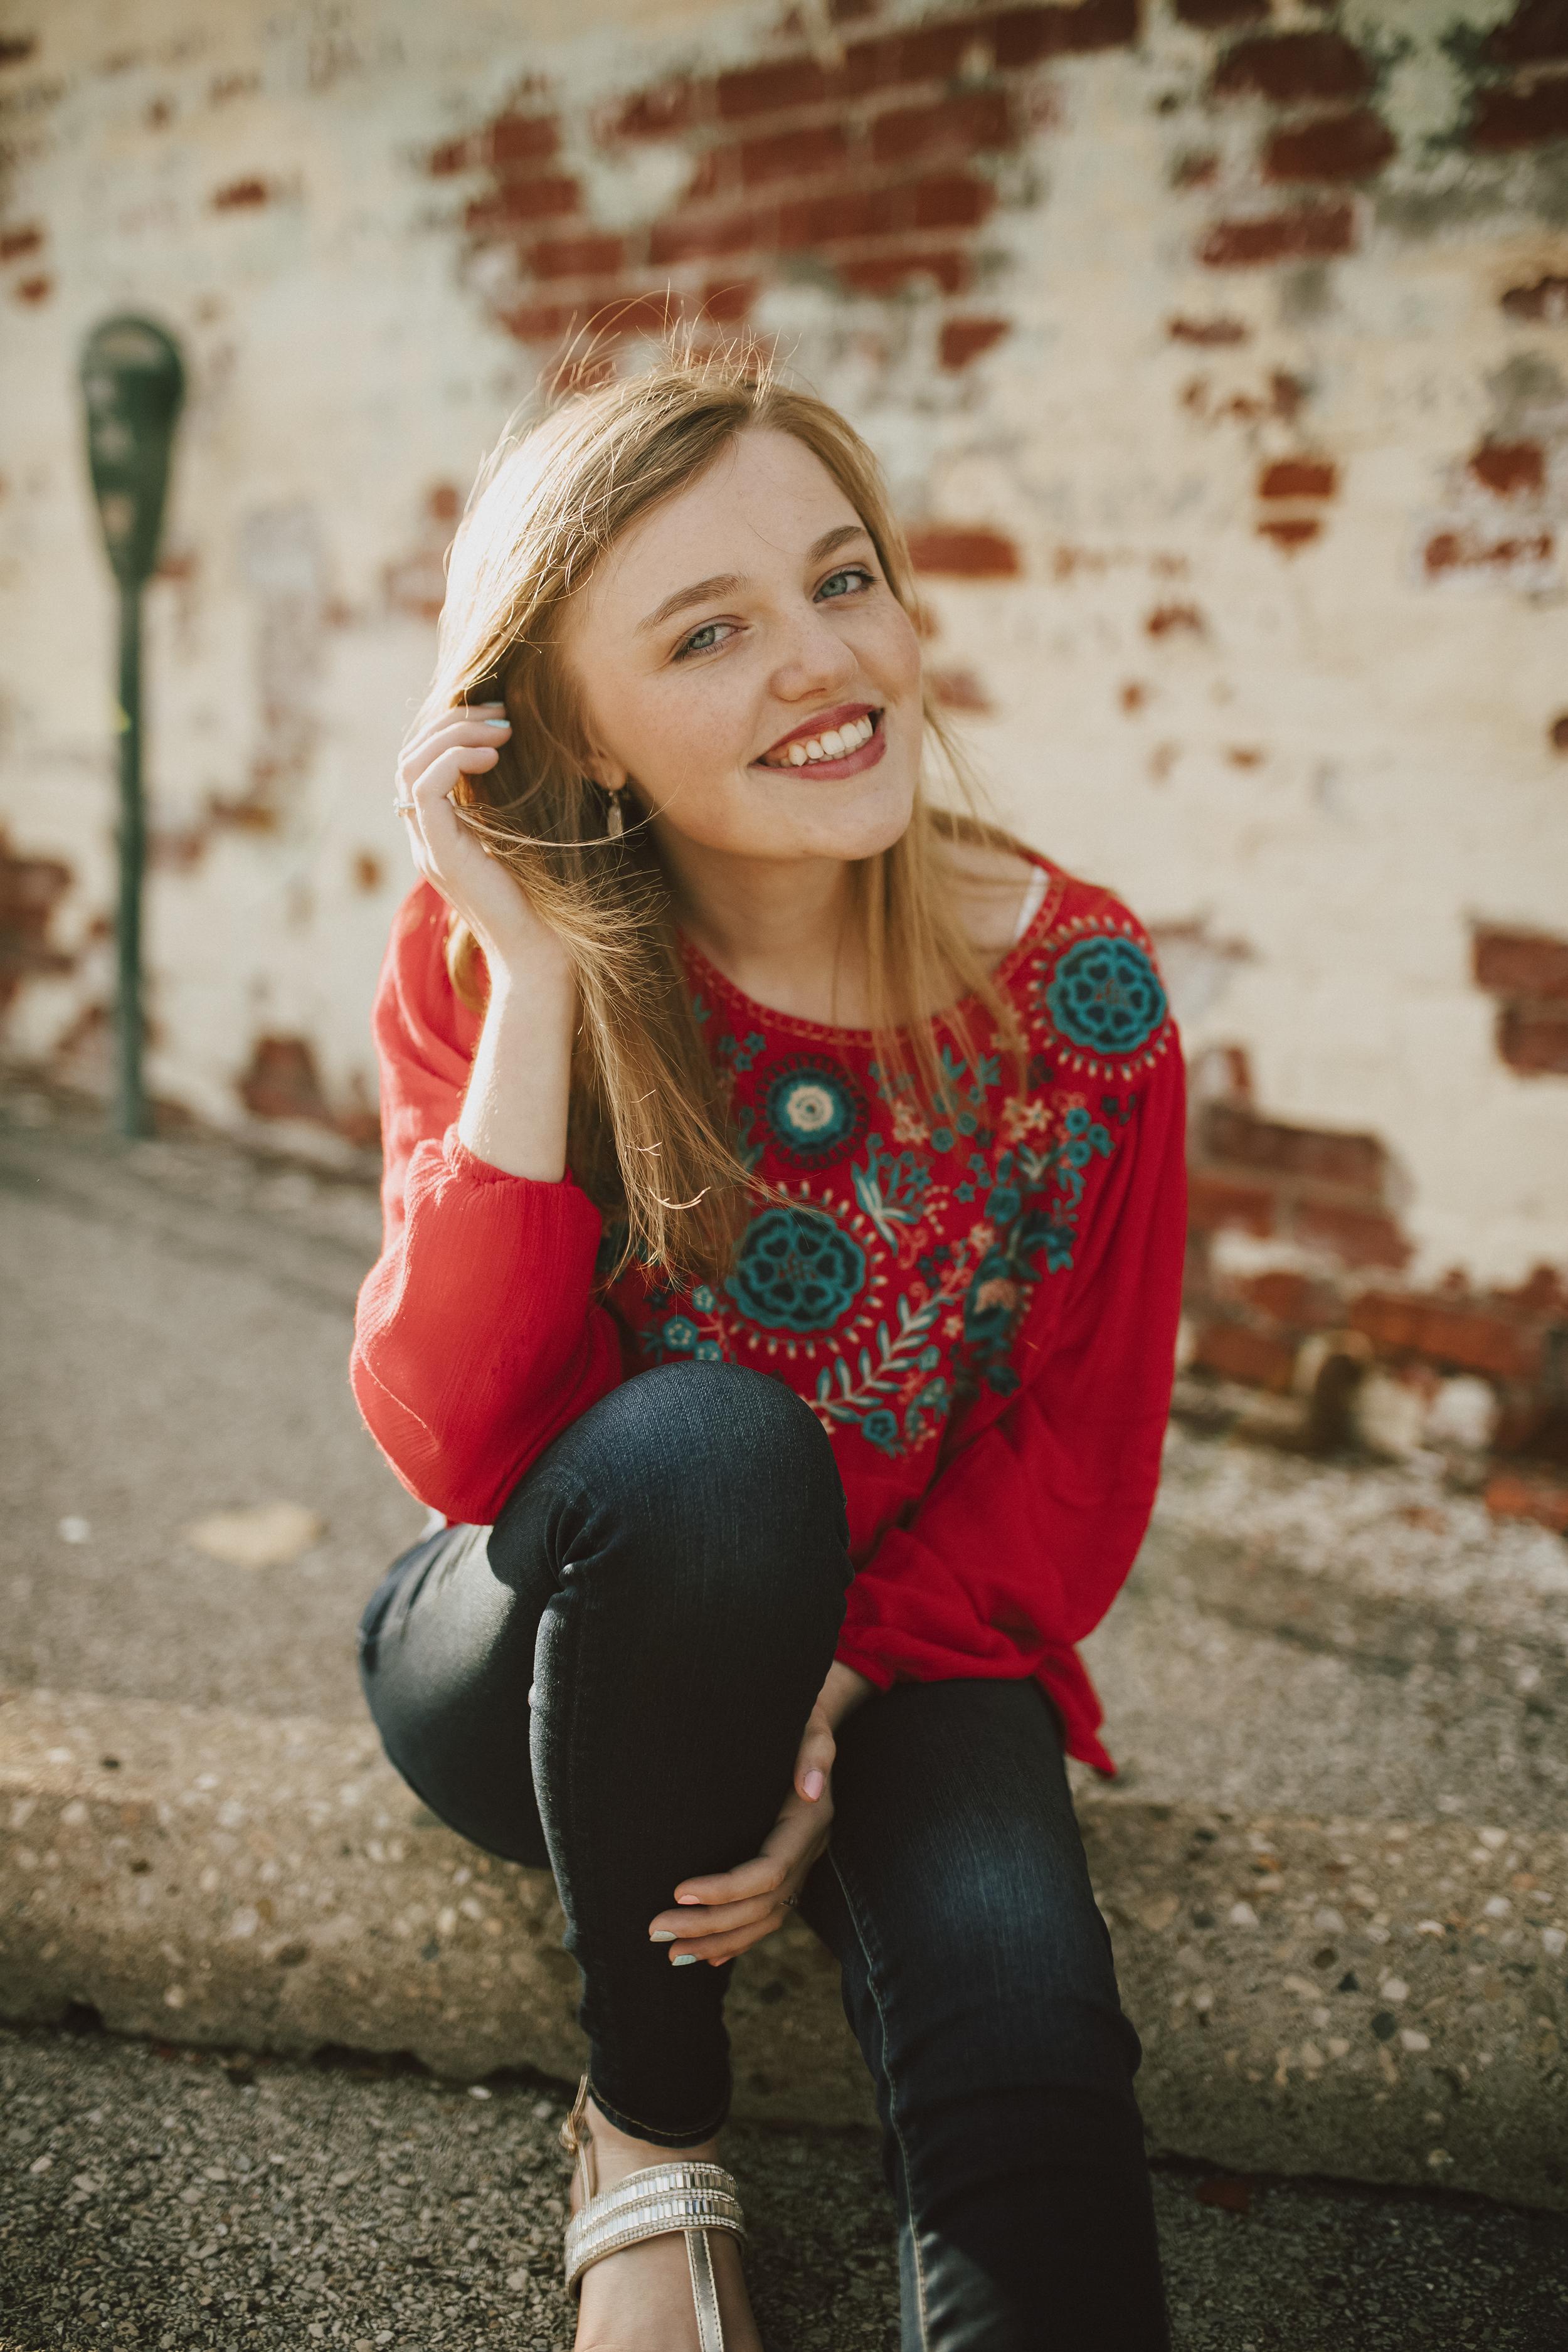 Fishers-Indiana-Lifestyle-Senior-Portrait-Photographer